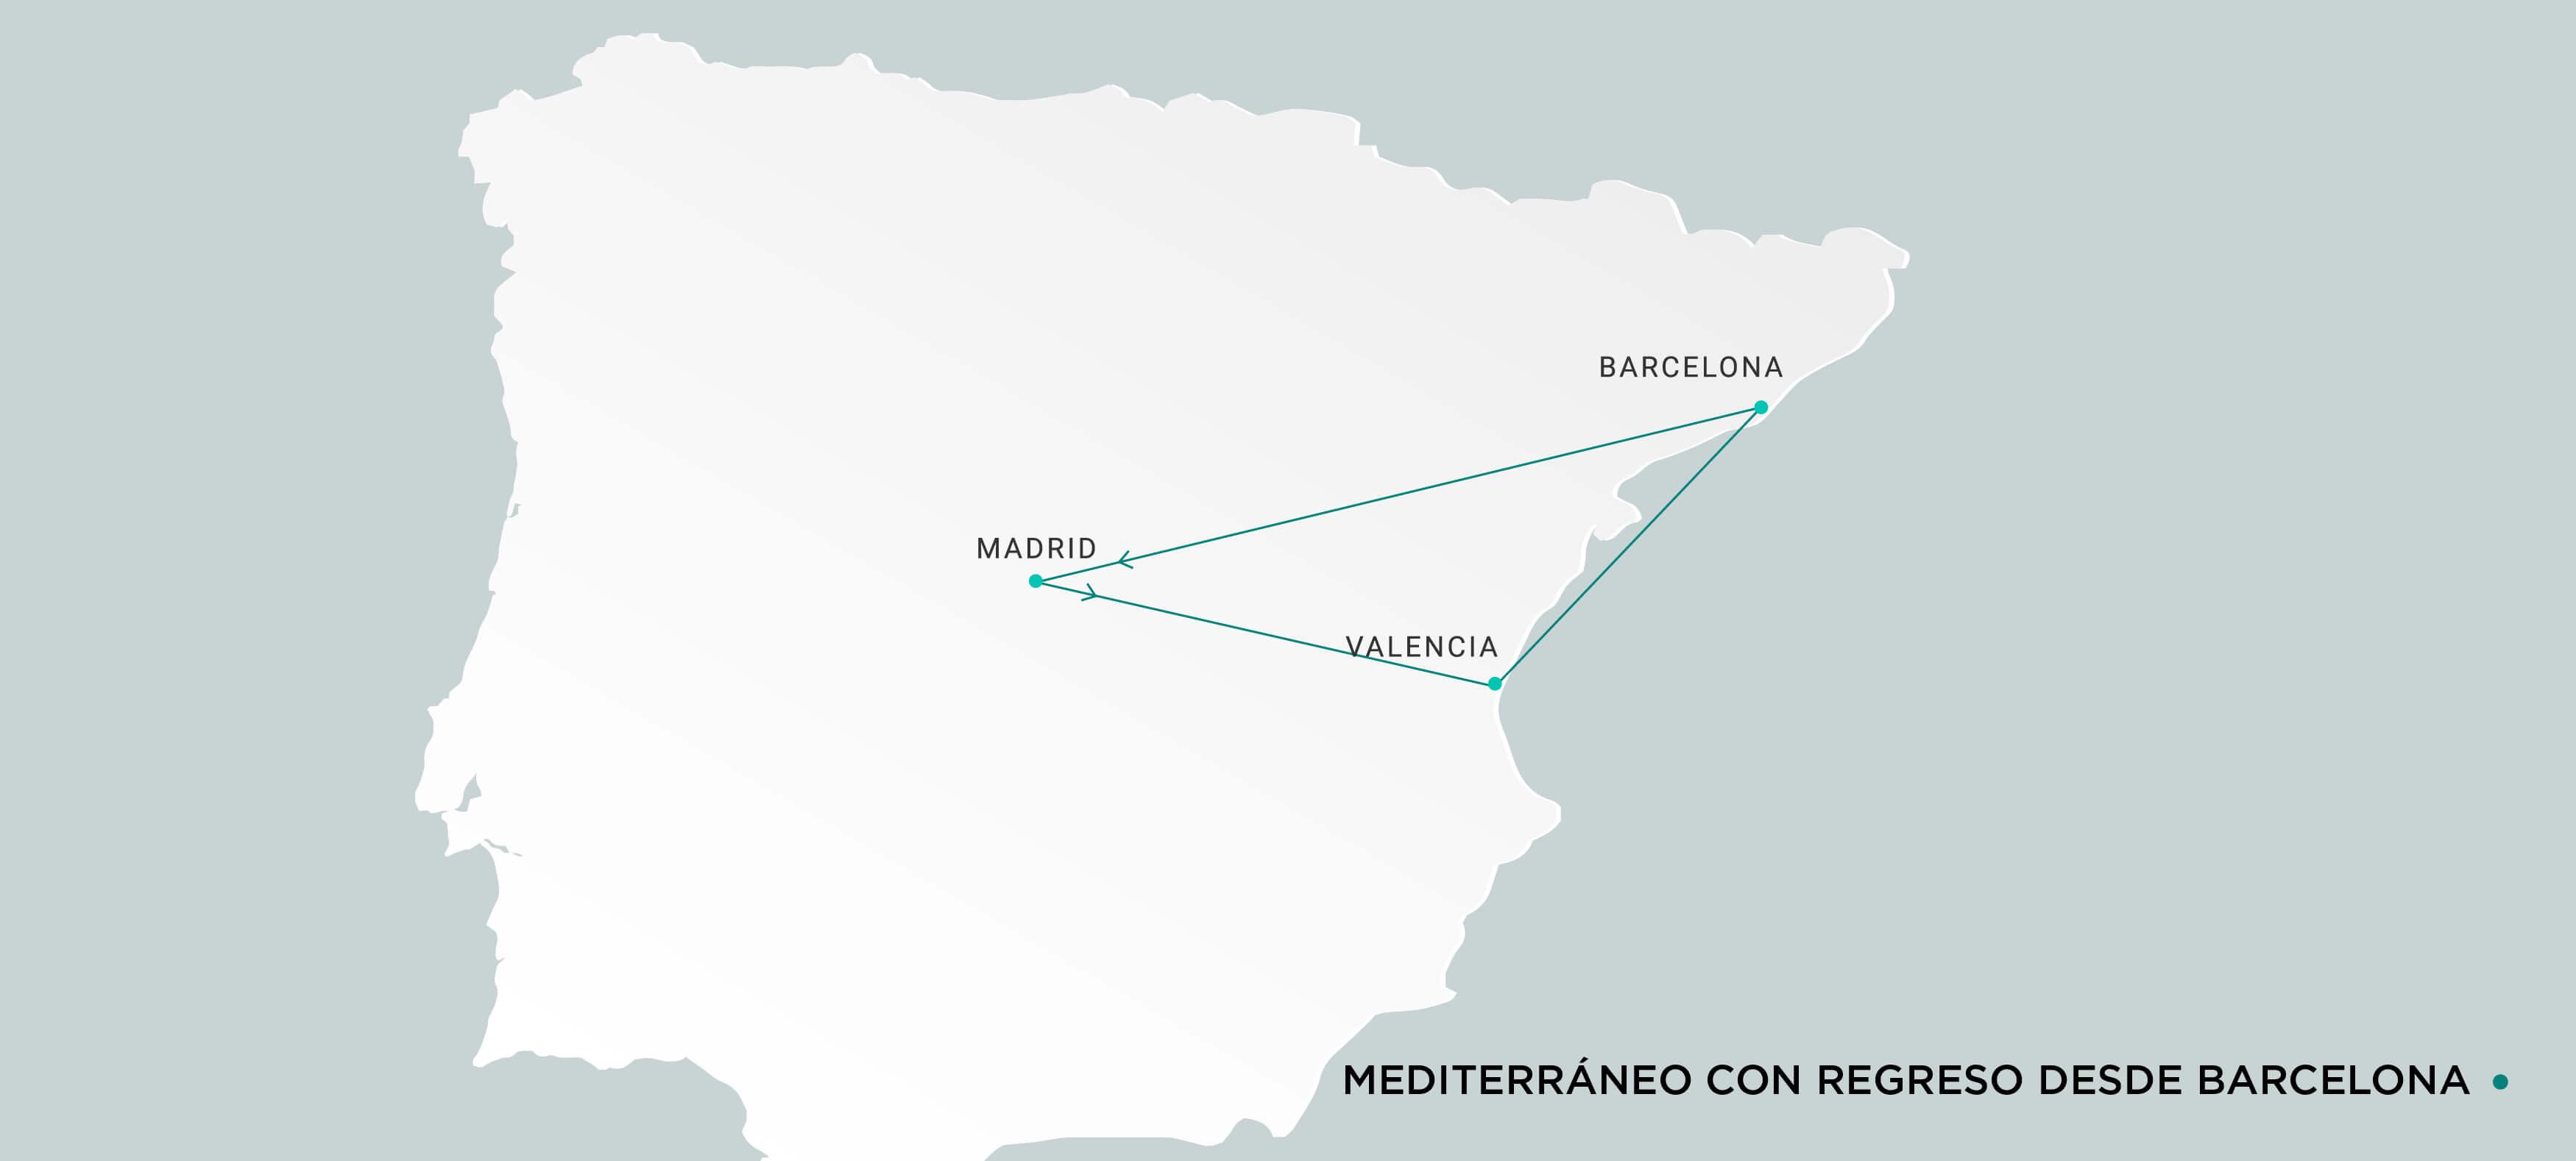 Mapa Mediterráneo con regreso desde Barcelona